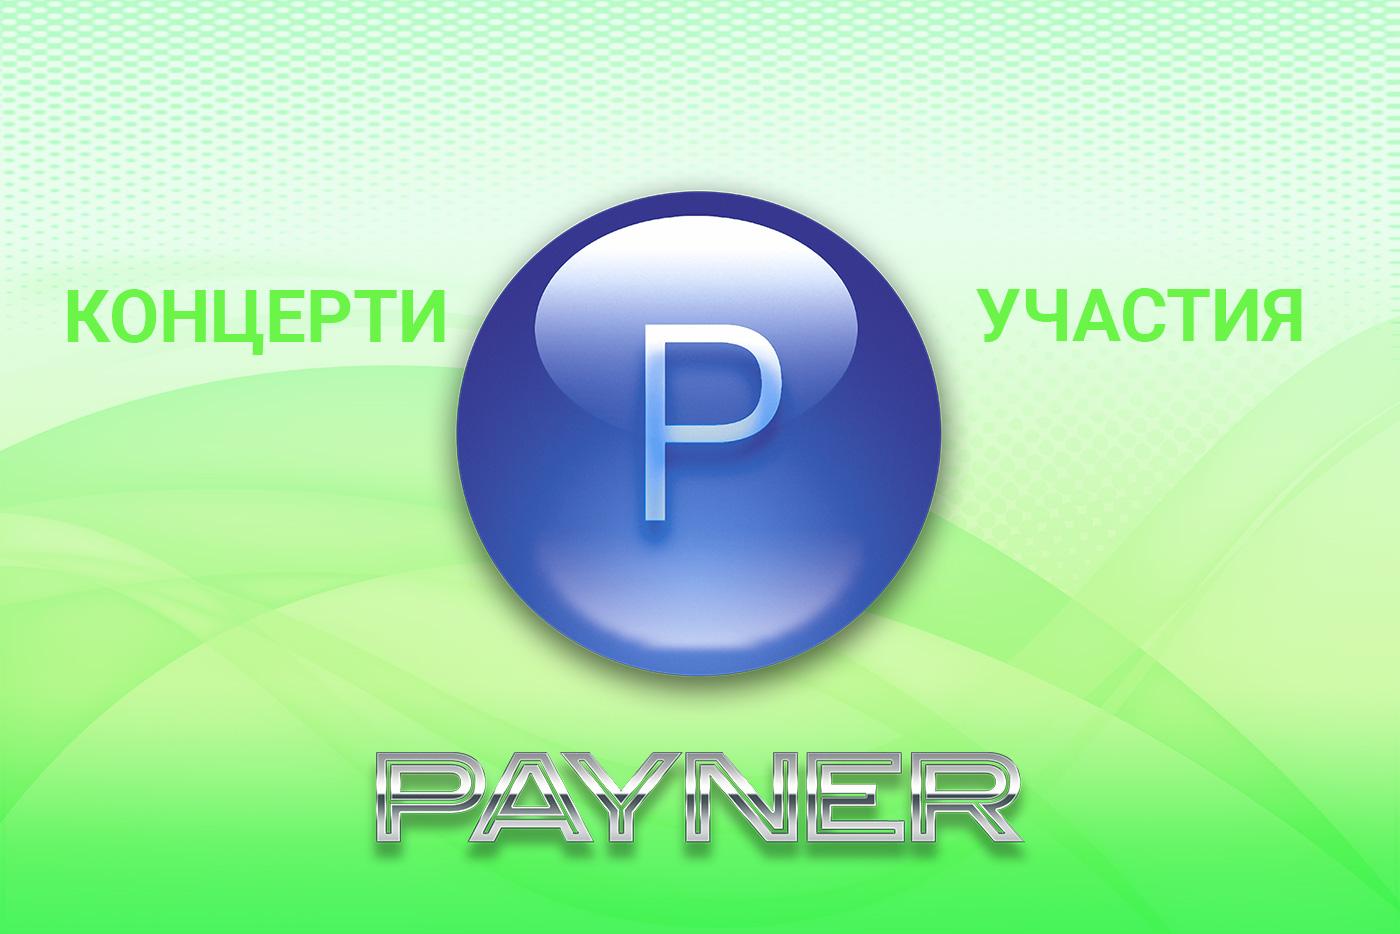 """Участия на звездите на """"Пайнер"""" на 16.01.2020"""